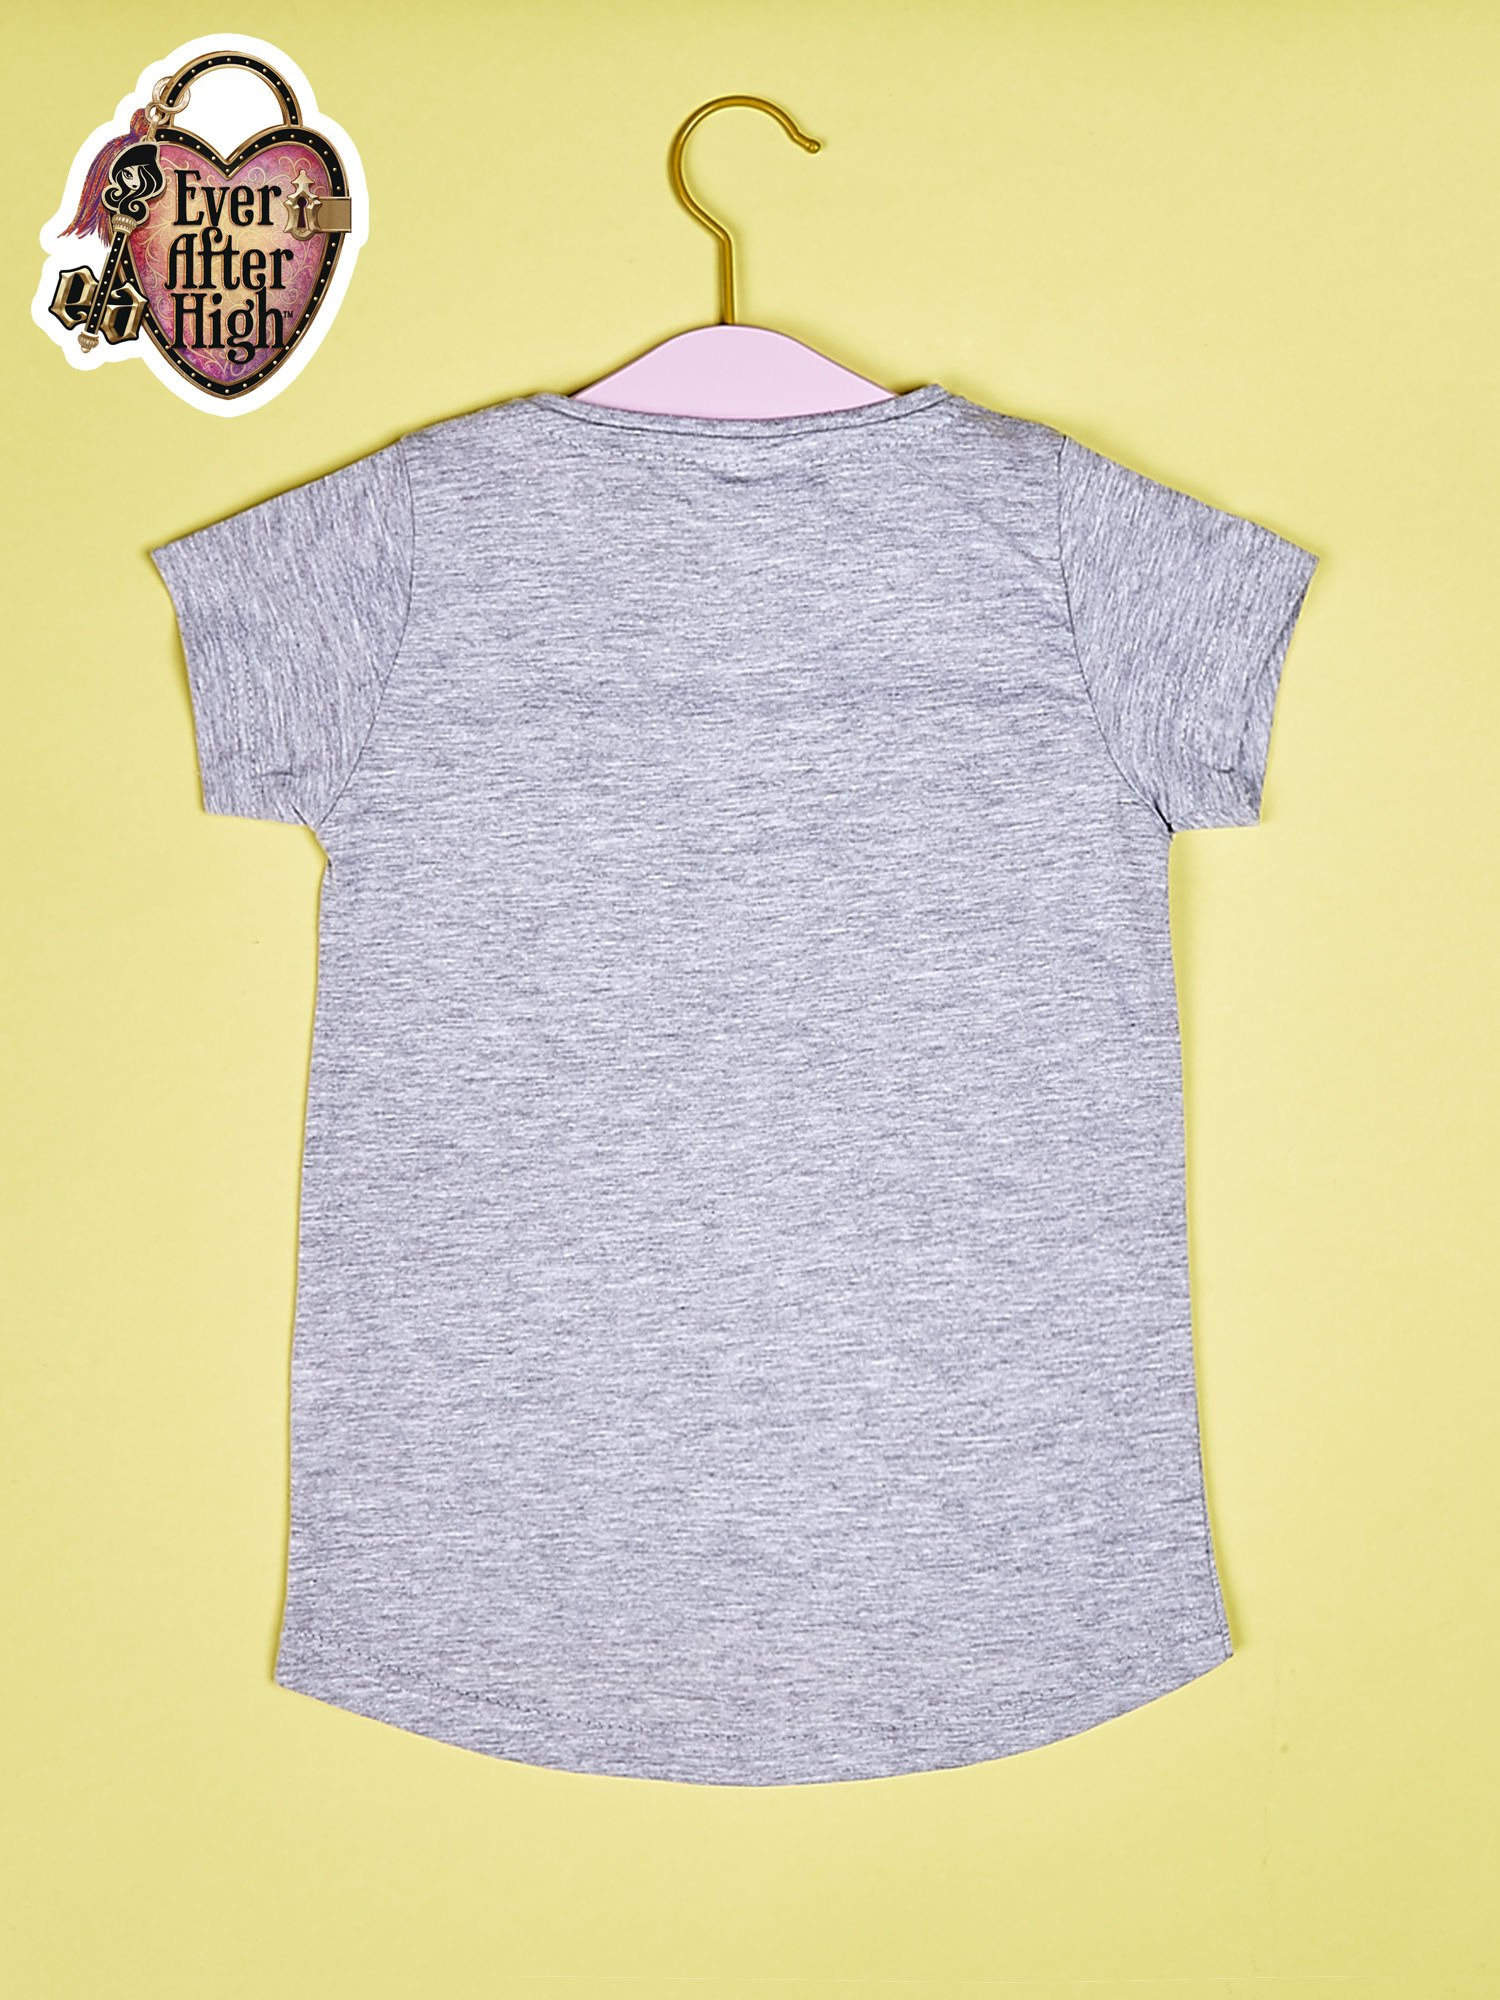 Szary t-shirt dla dziewczynki z nadrukiem EVER AFTER HIGH                                  zdj.                                  2